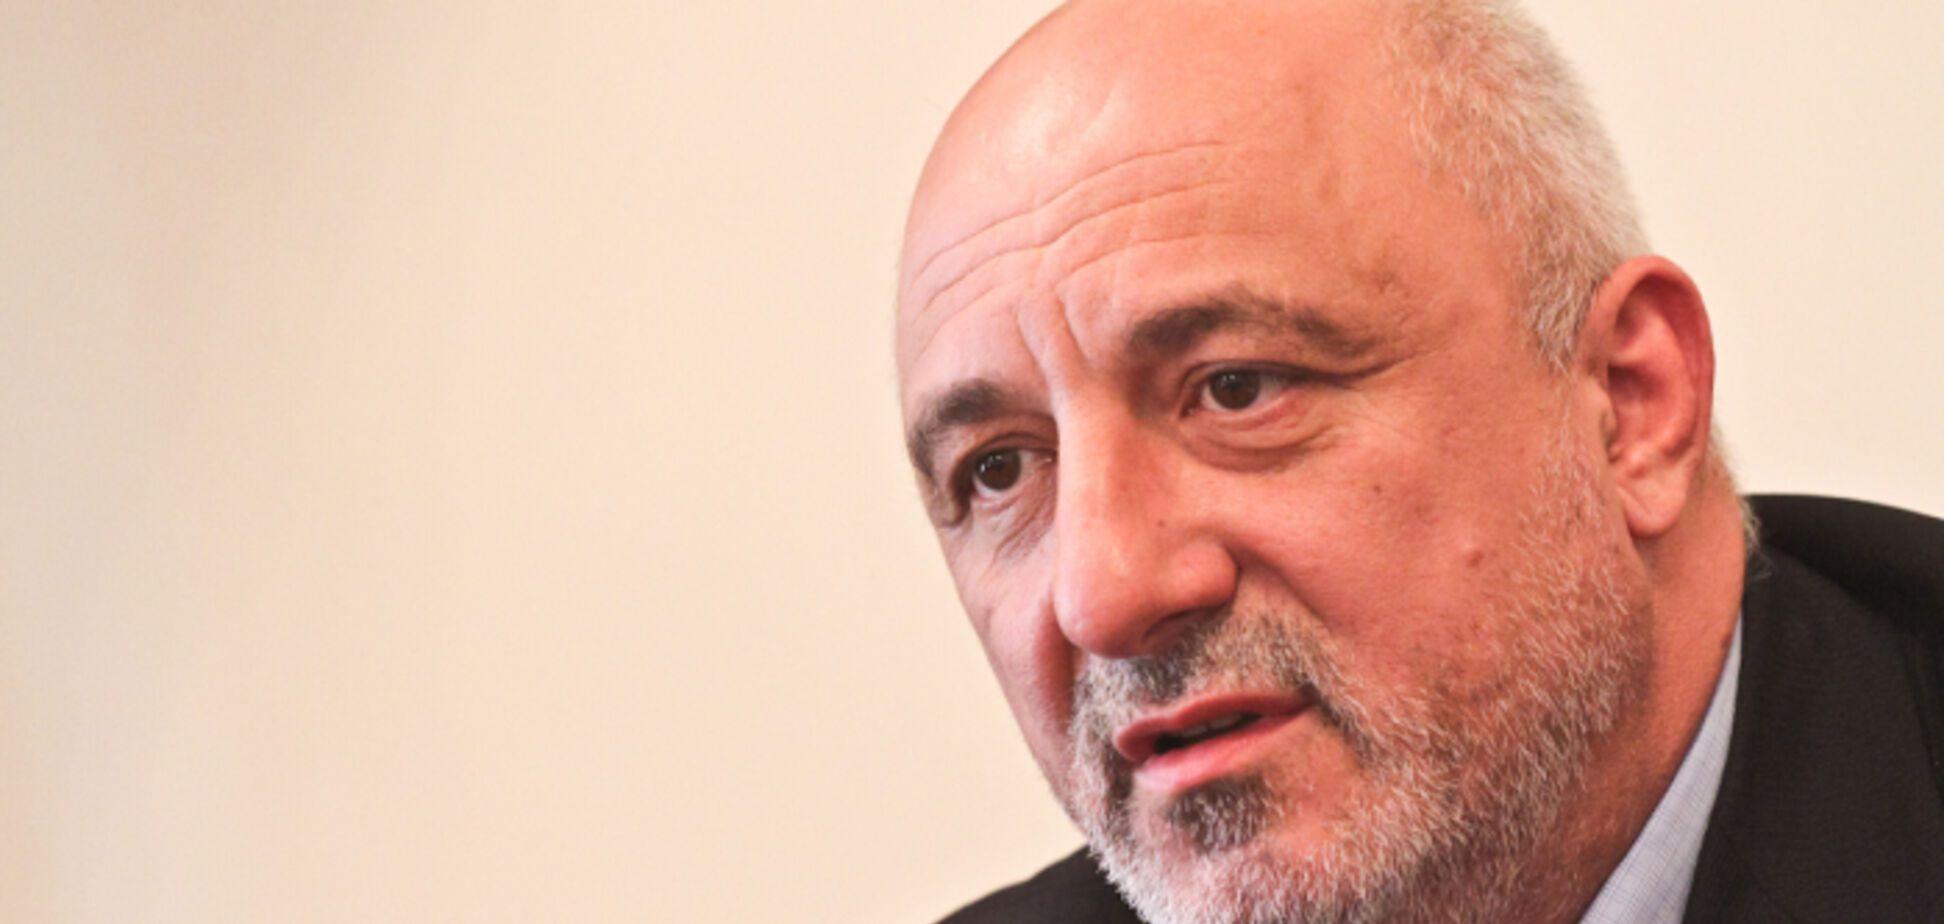 Плачков може стати новим міністром енергетики: топ його висловлювань про 'зелену' енергетику